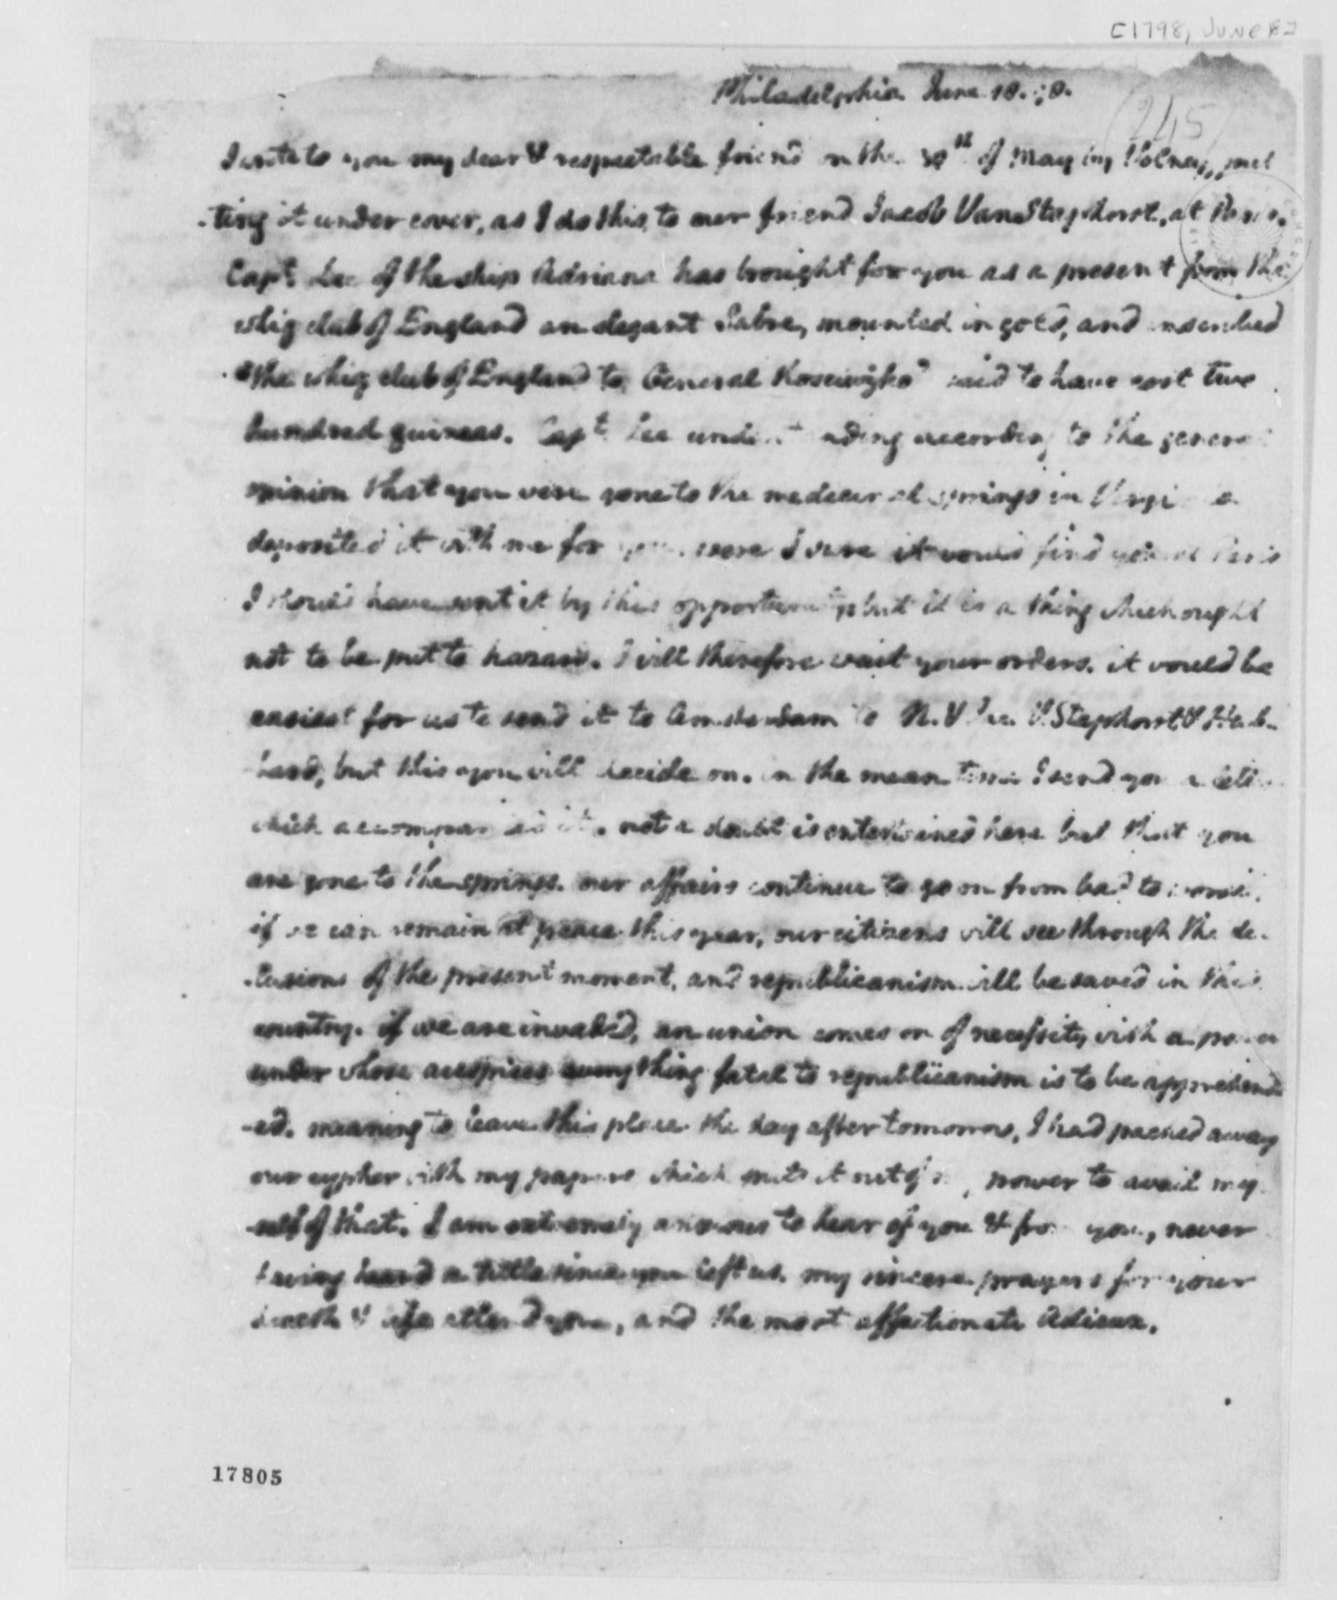 Thomas Jefferson to Thaddeus Kosciuszko, June 18, 1798, Fragment